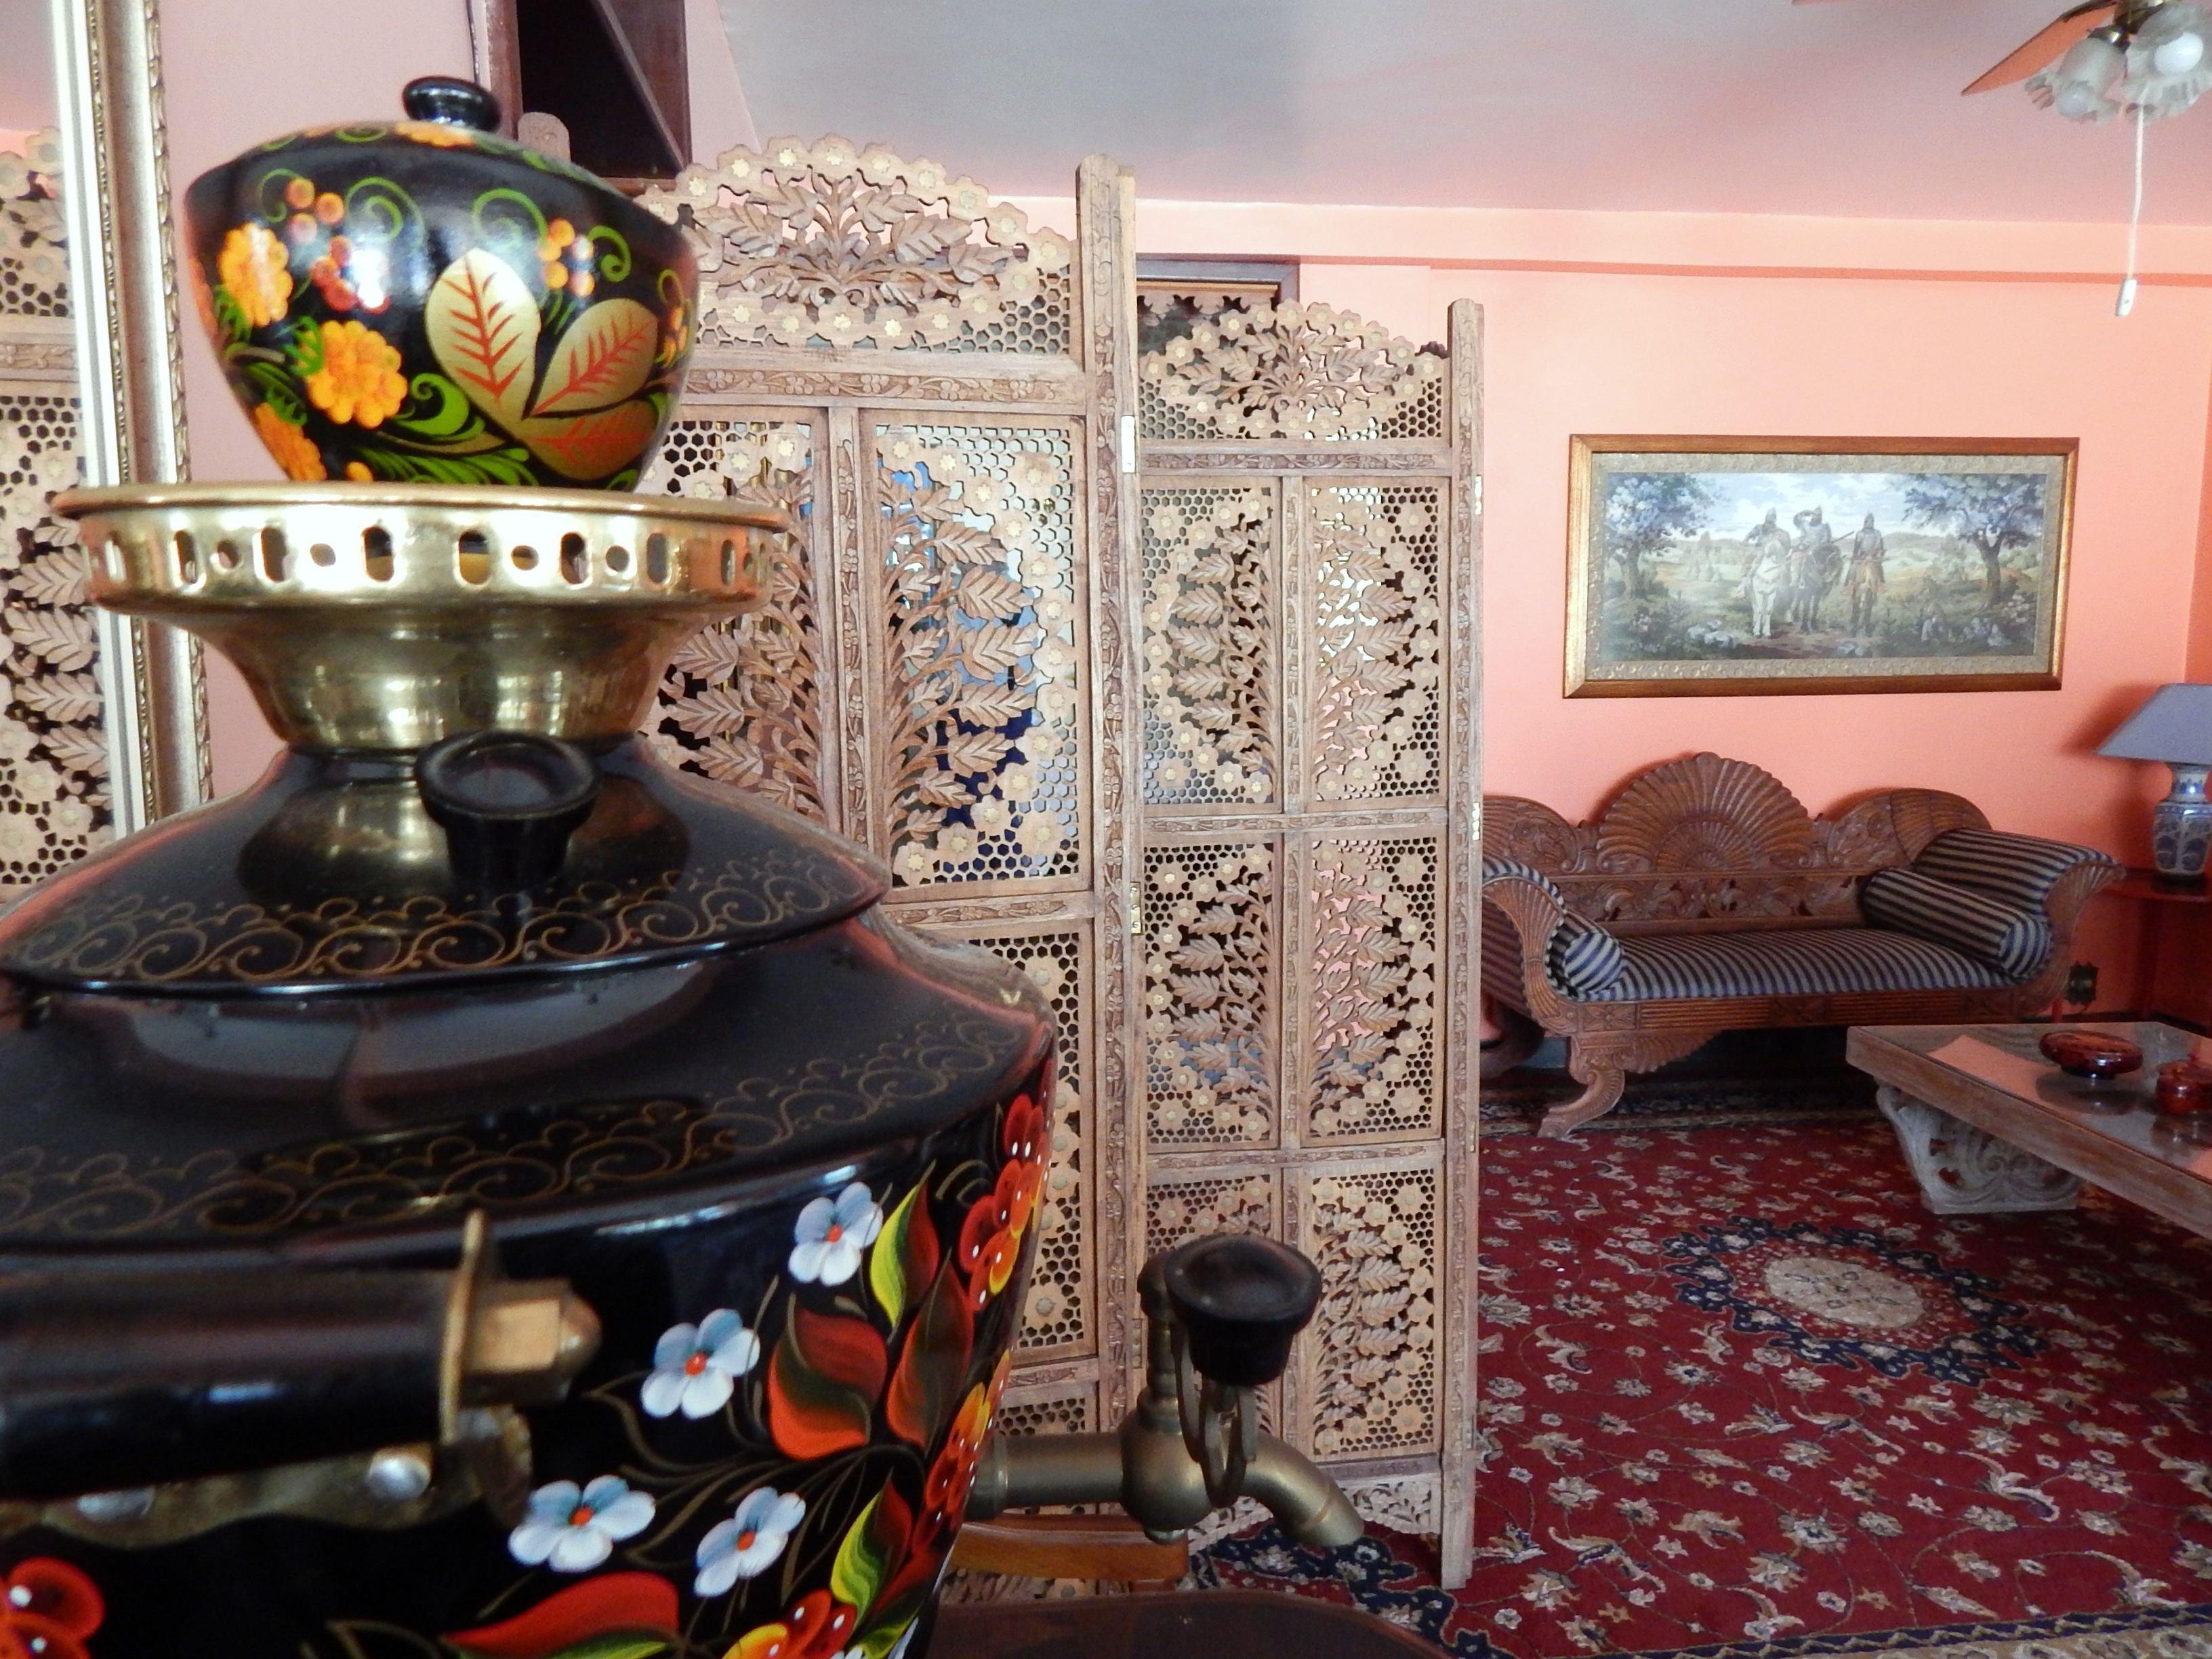 Salas são decoradas com porcelana russa, samovares e matrioschkas